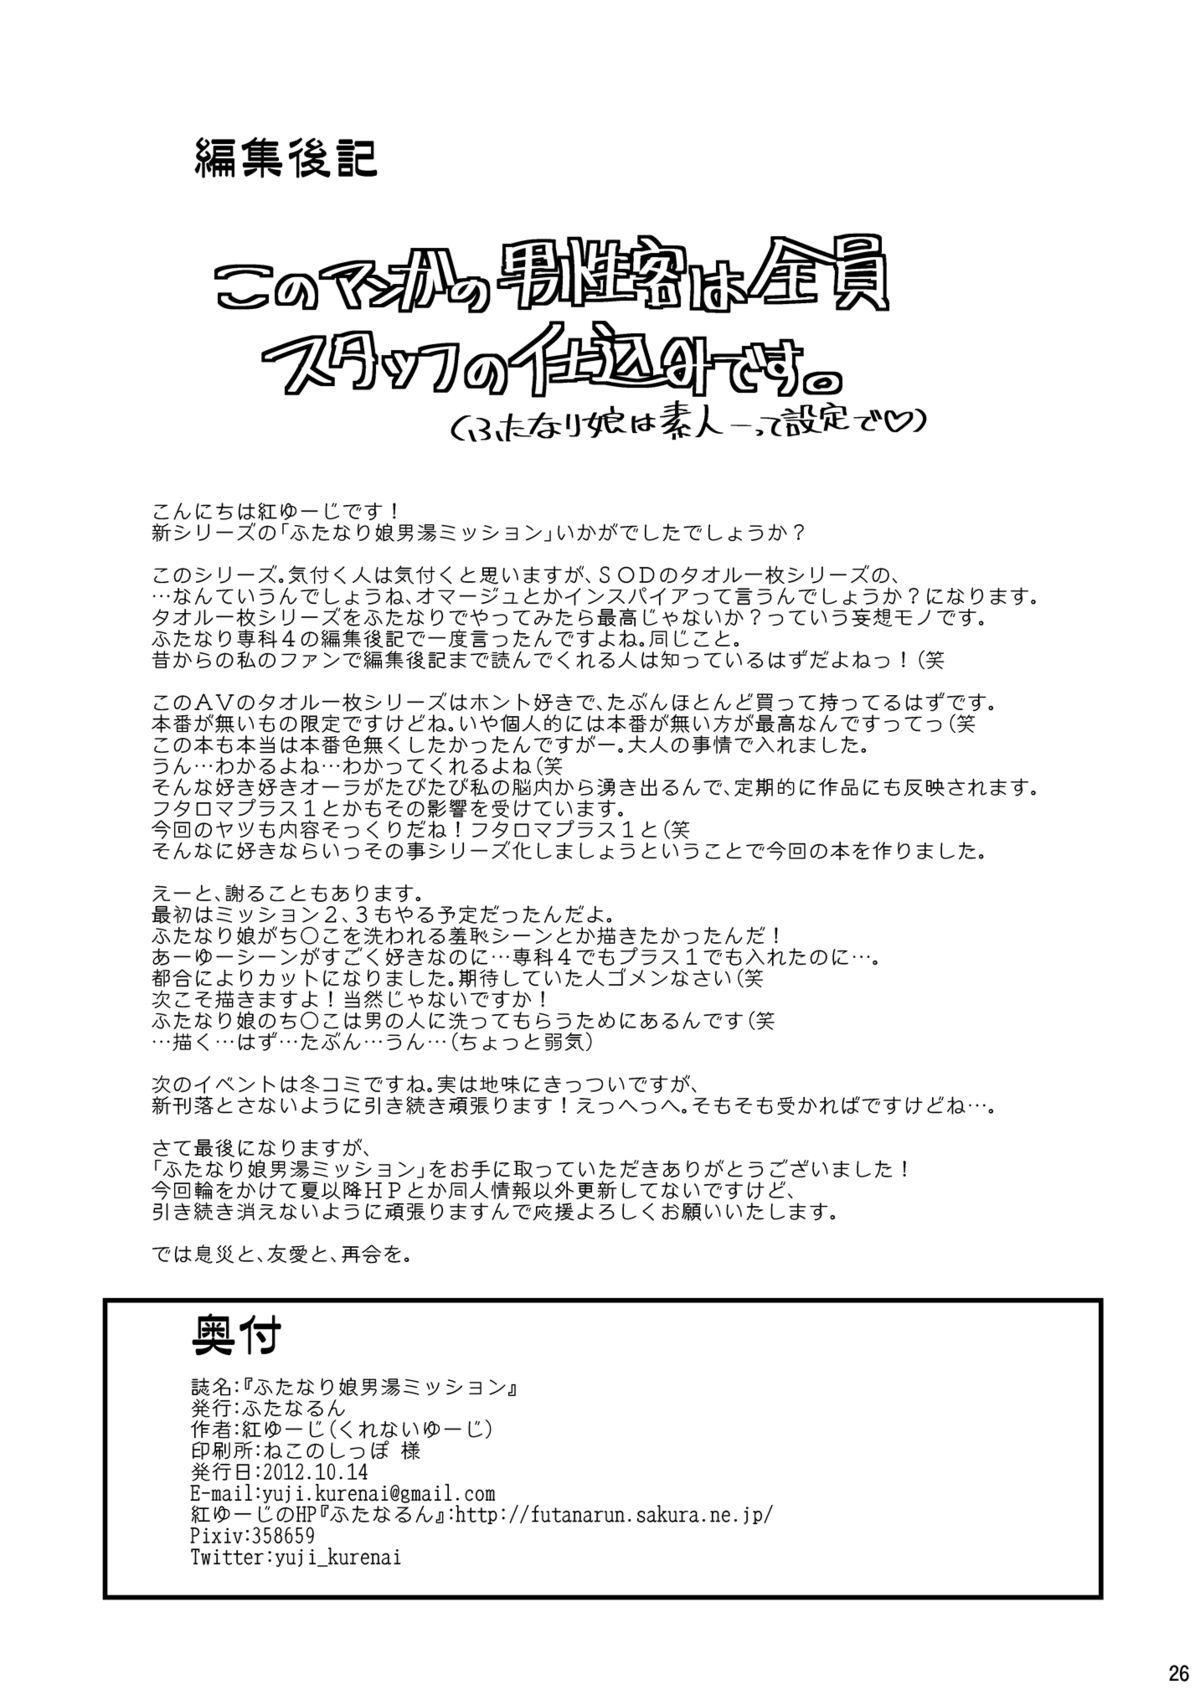 Futanari Musume Otokoyu Mission 24